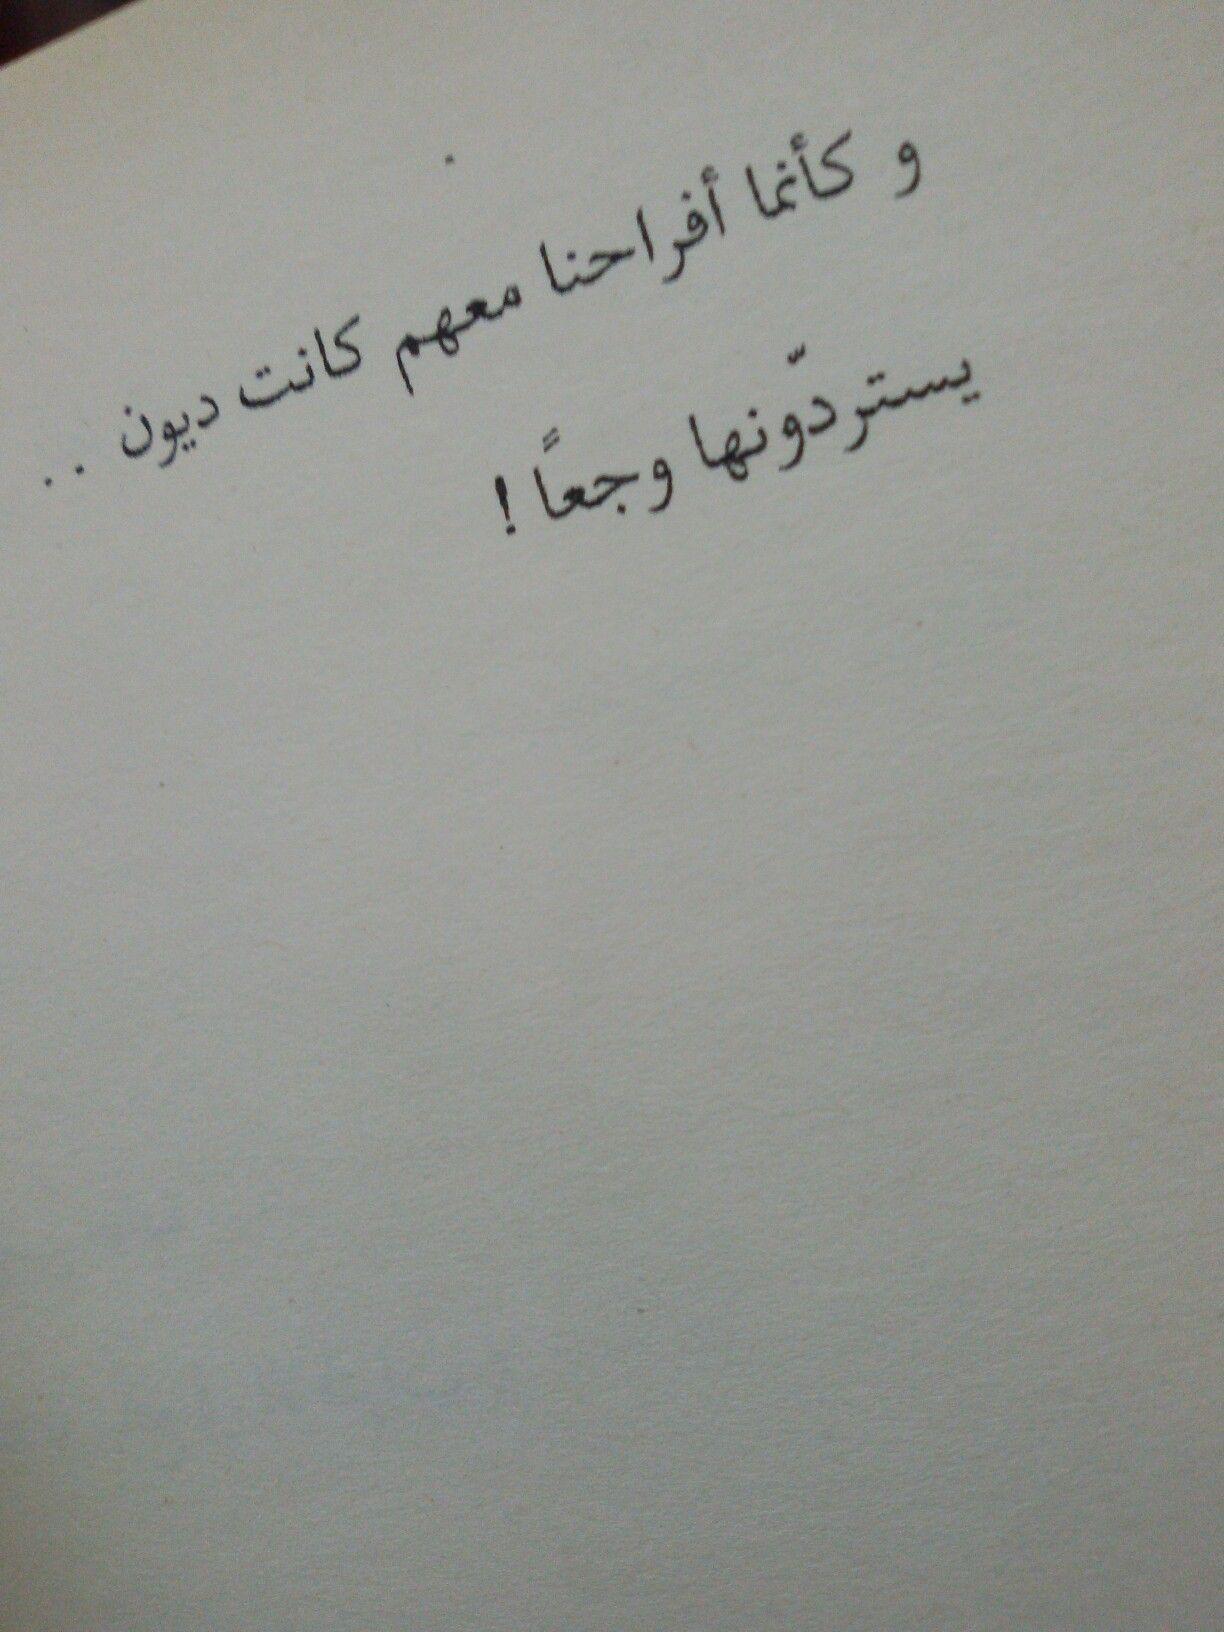 في كل قلب مقبرة نلتقي في اقتباسات اخرة من الكتاب Quotations Favorite Quotes Words